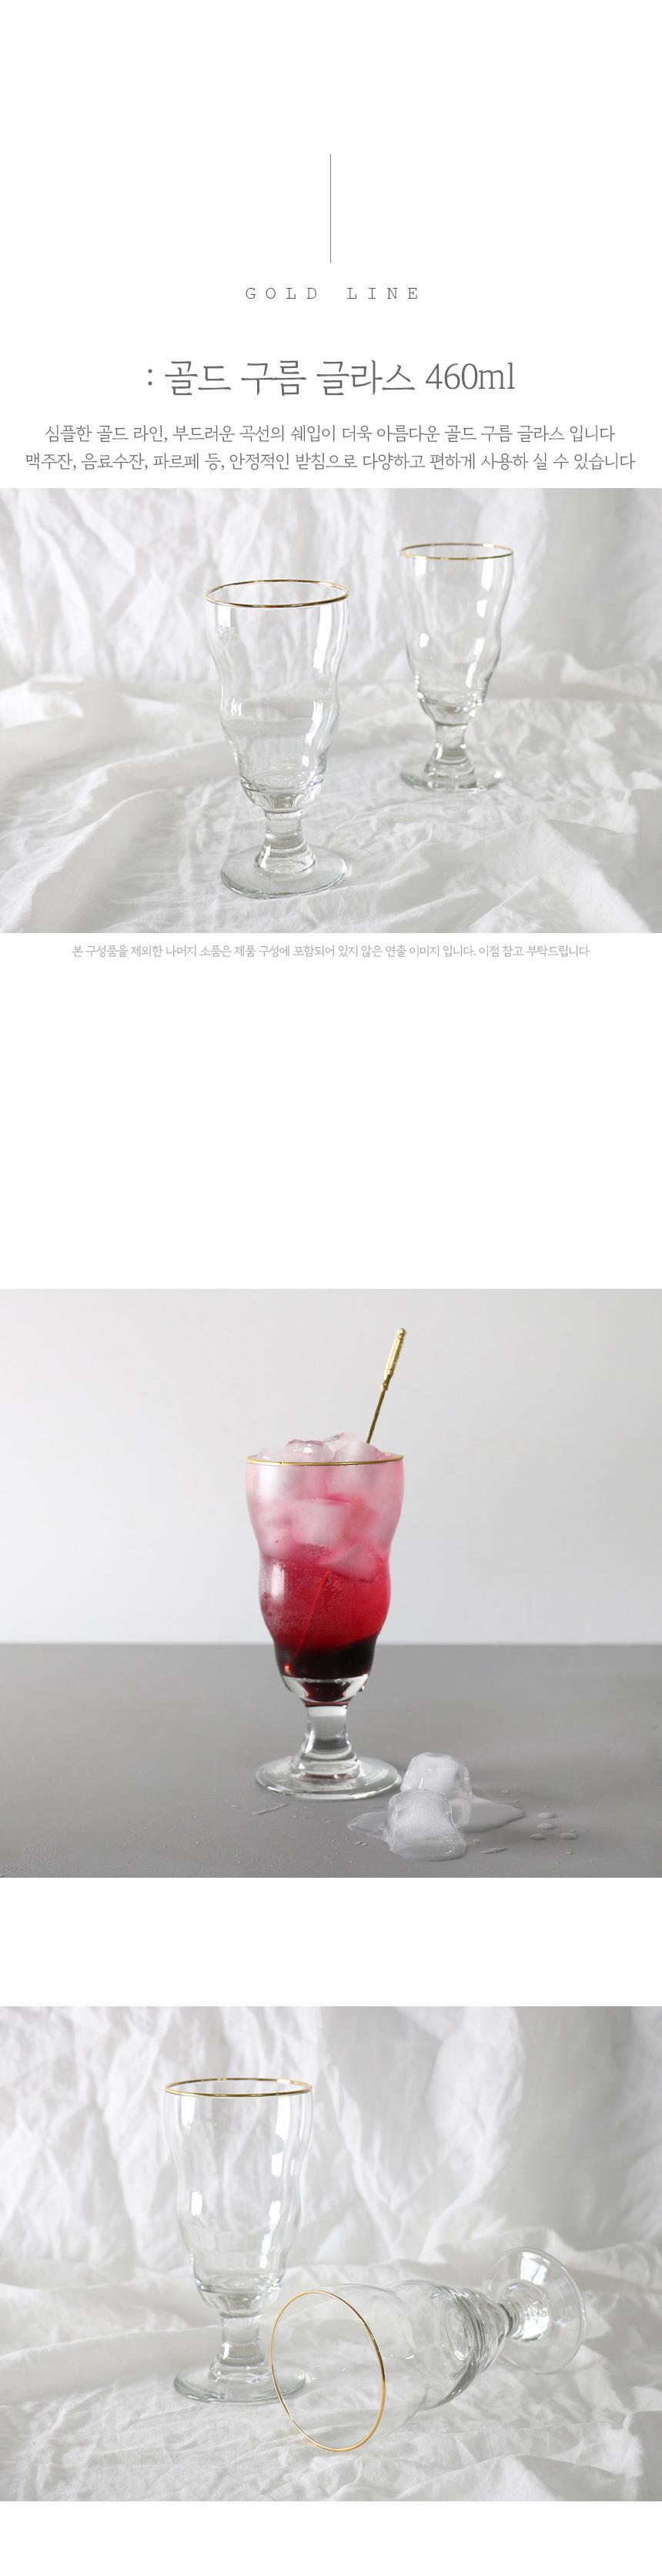 골드 구름 유리컵 맥주잔 460ml - 키친몰링, 9,200원, 유리컵/술잔, 유리컵